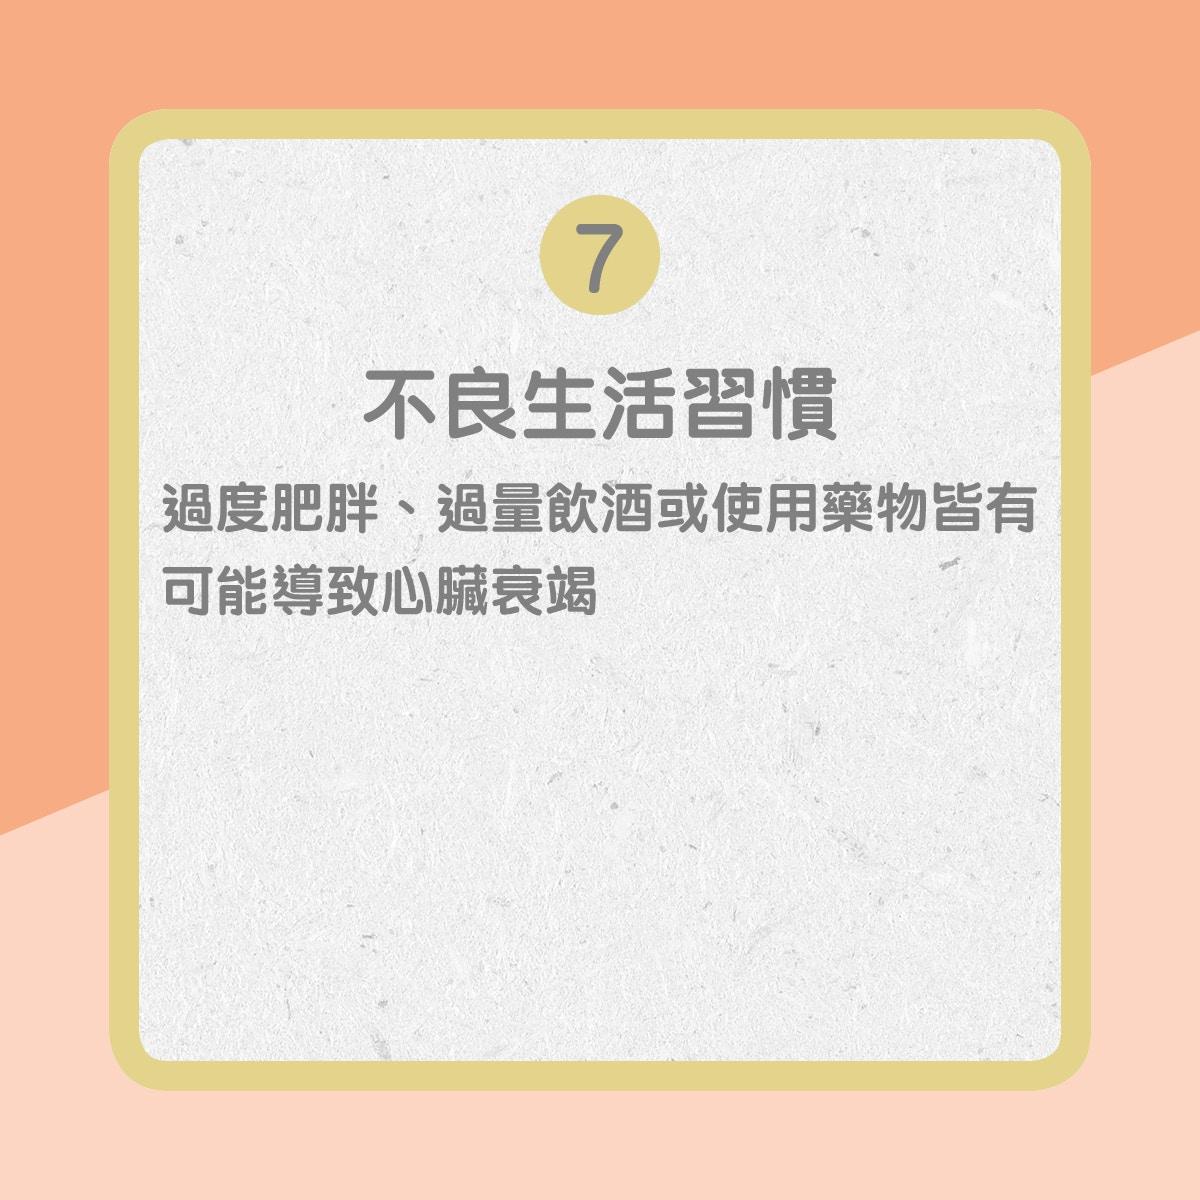 【心臟衰竭部份成因】7. 不良生活習慣(01製圖)